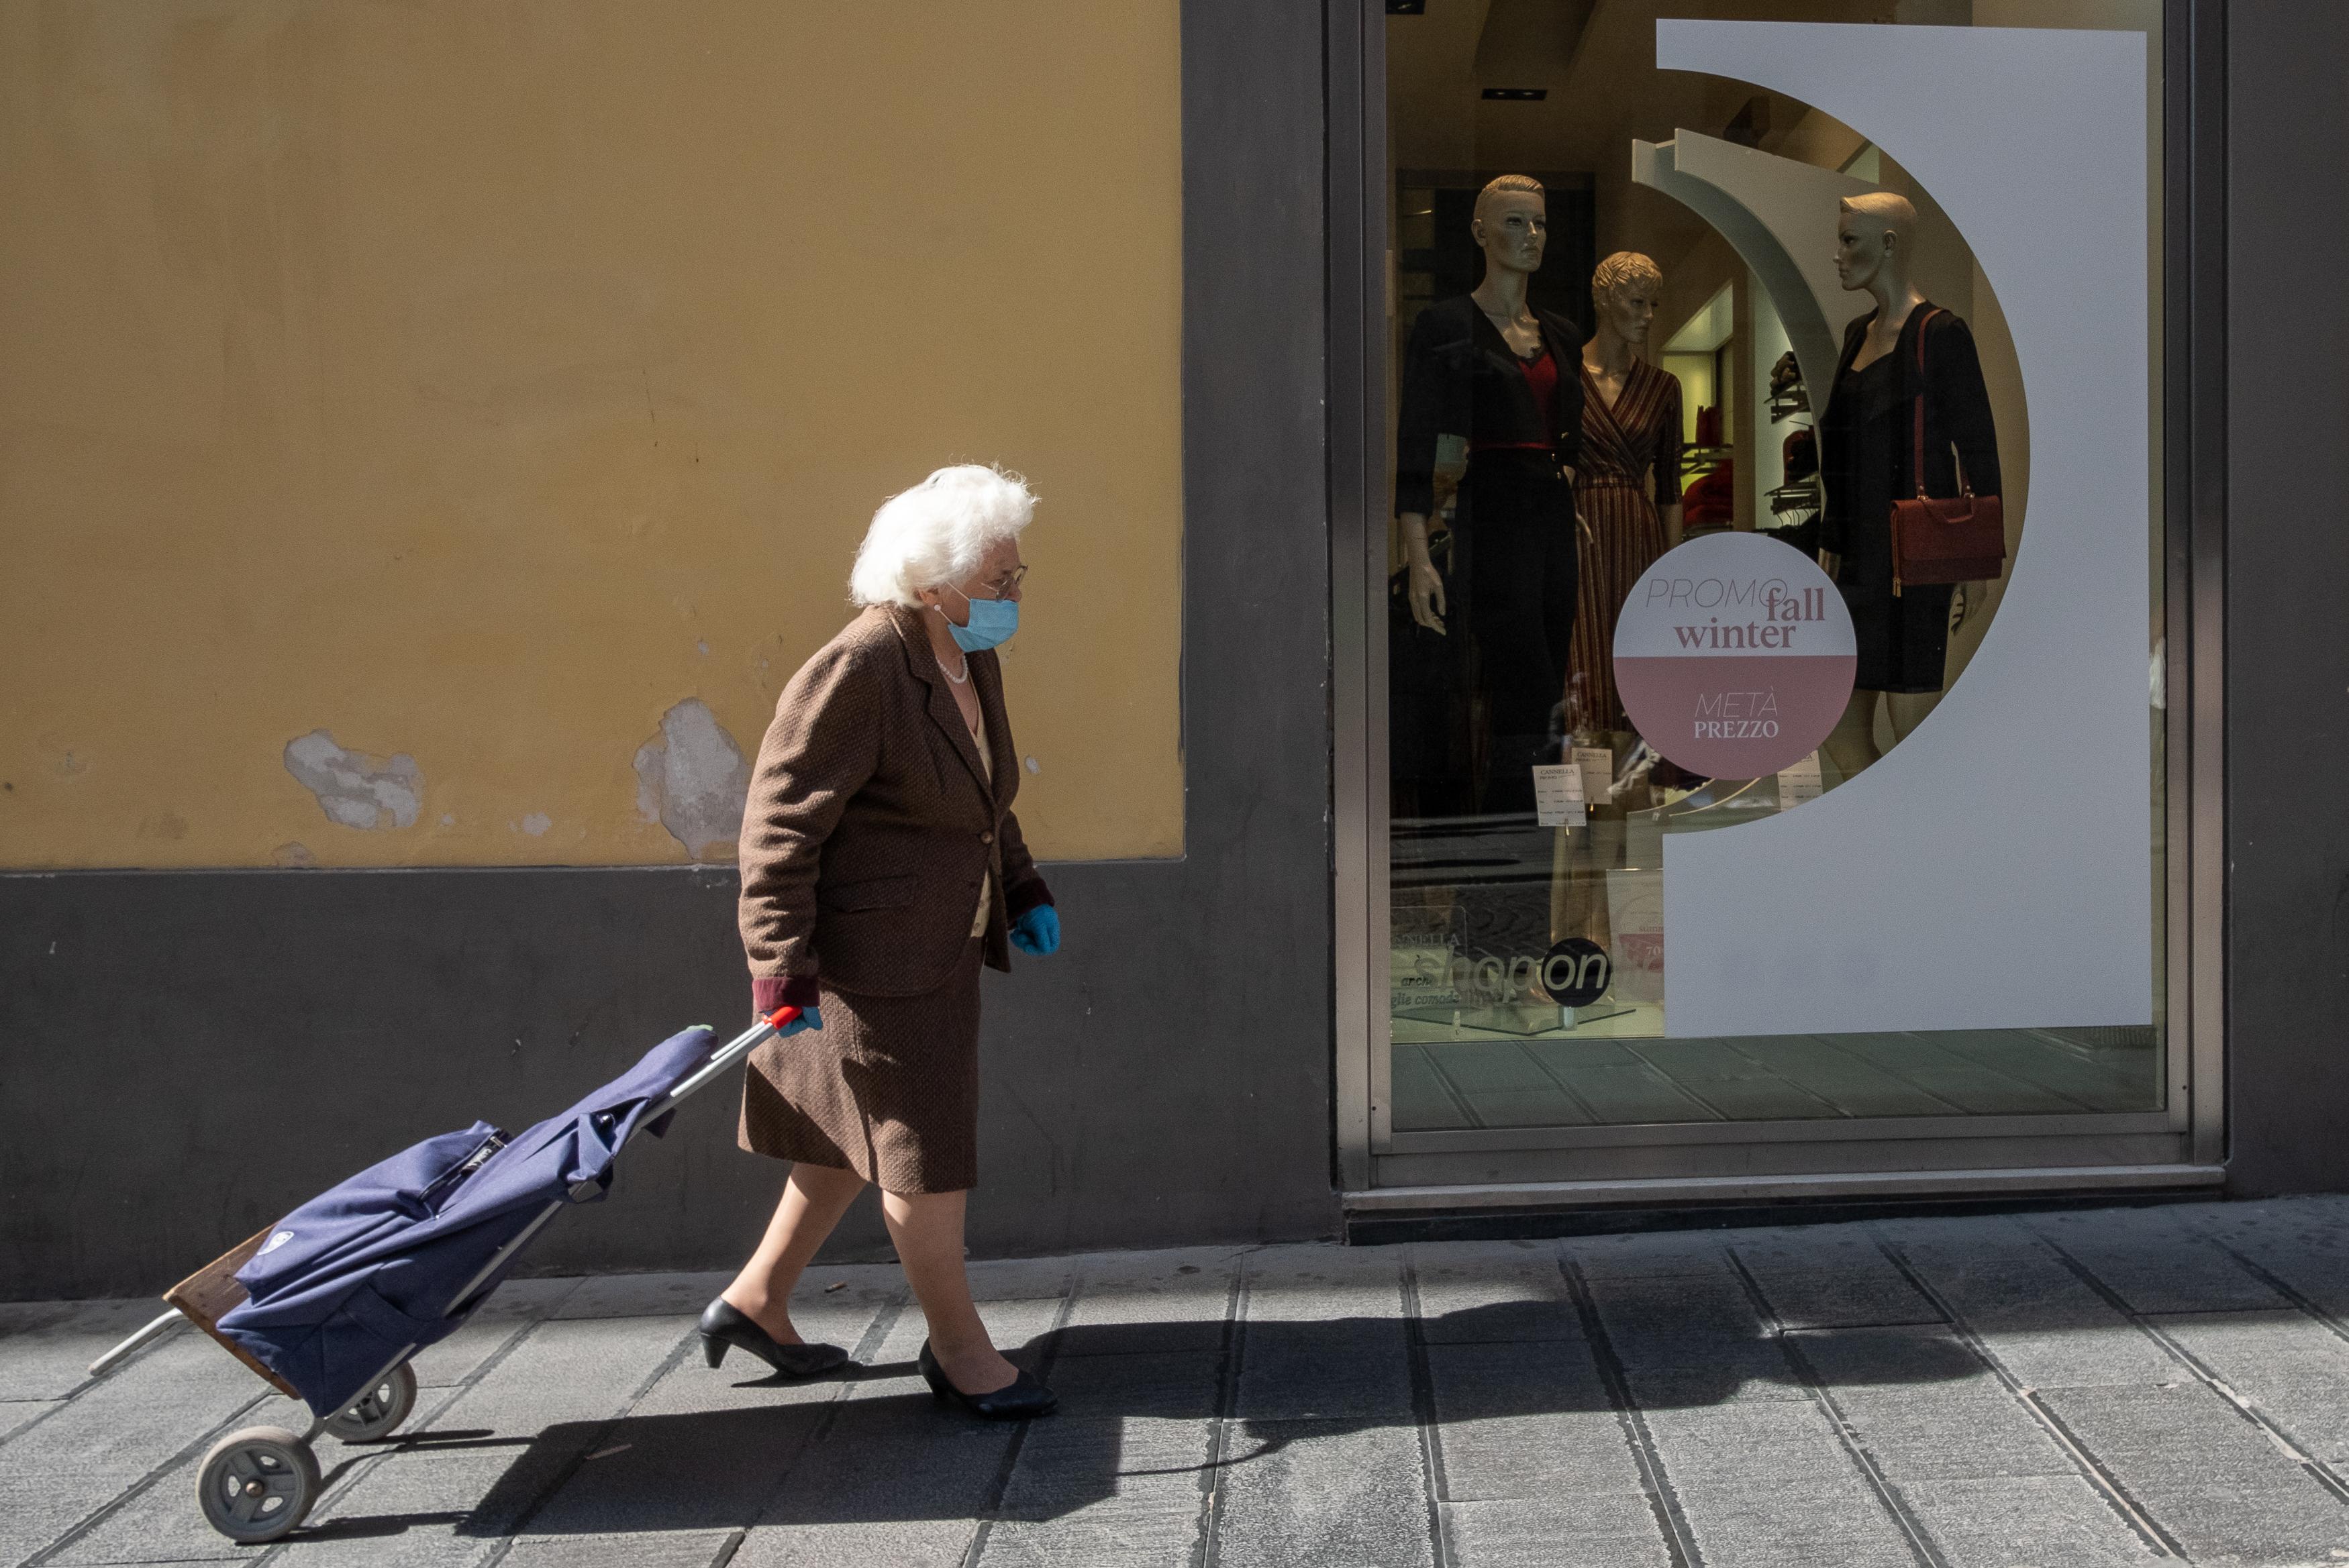 Szombattól nem lesz külön sáv, amiben csak az idősek mehetnek vásárolni